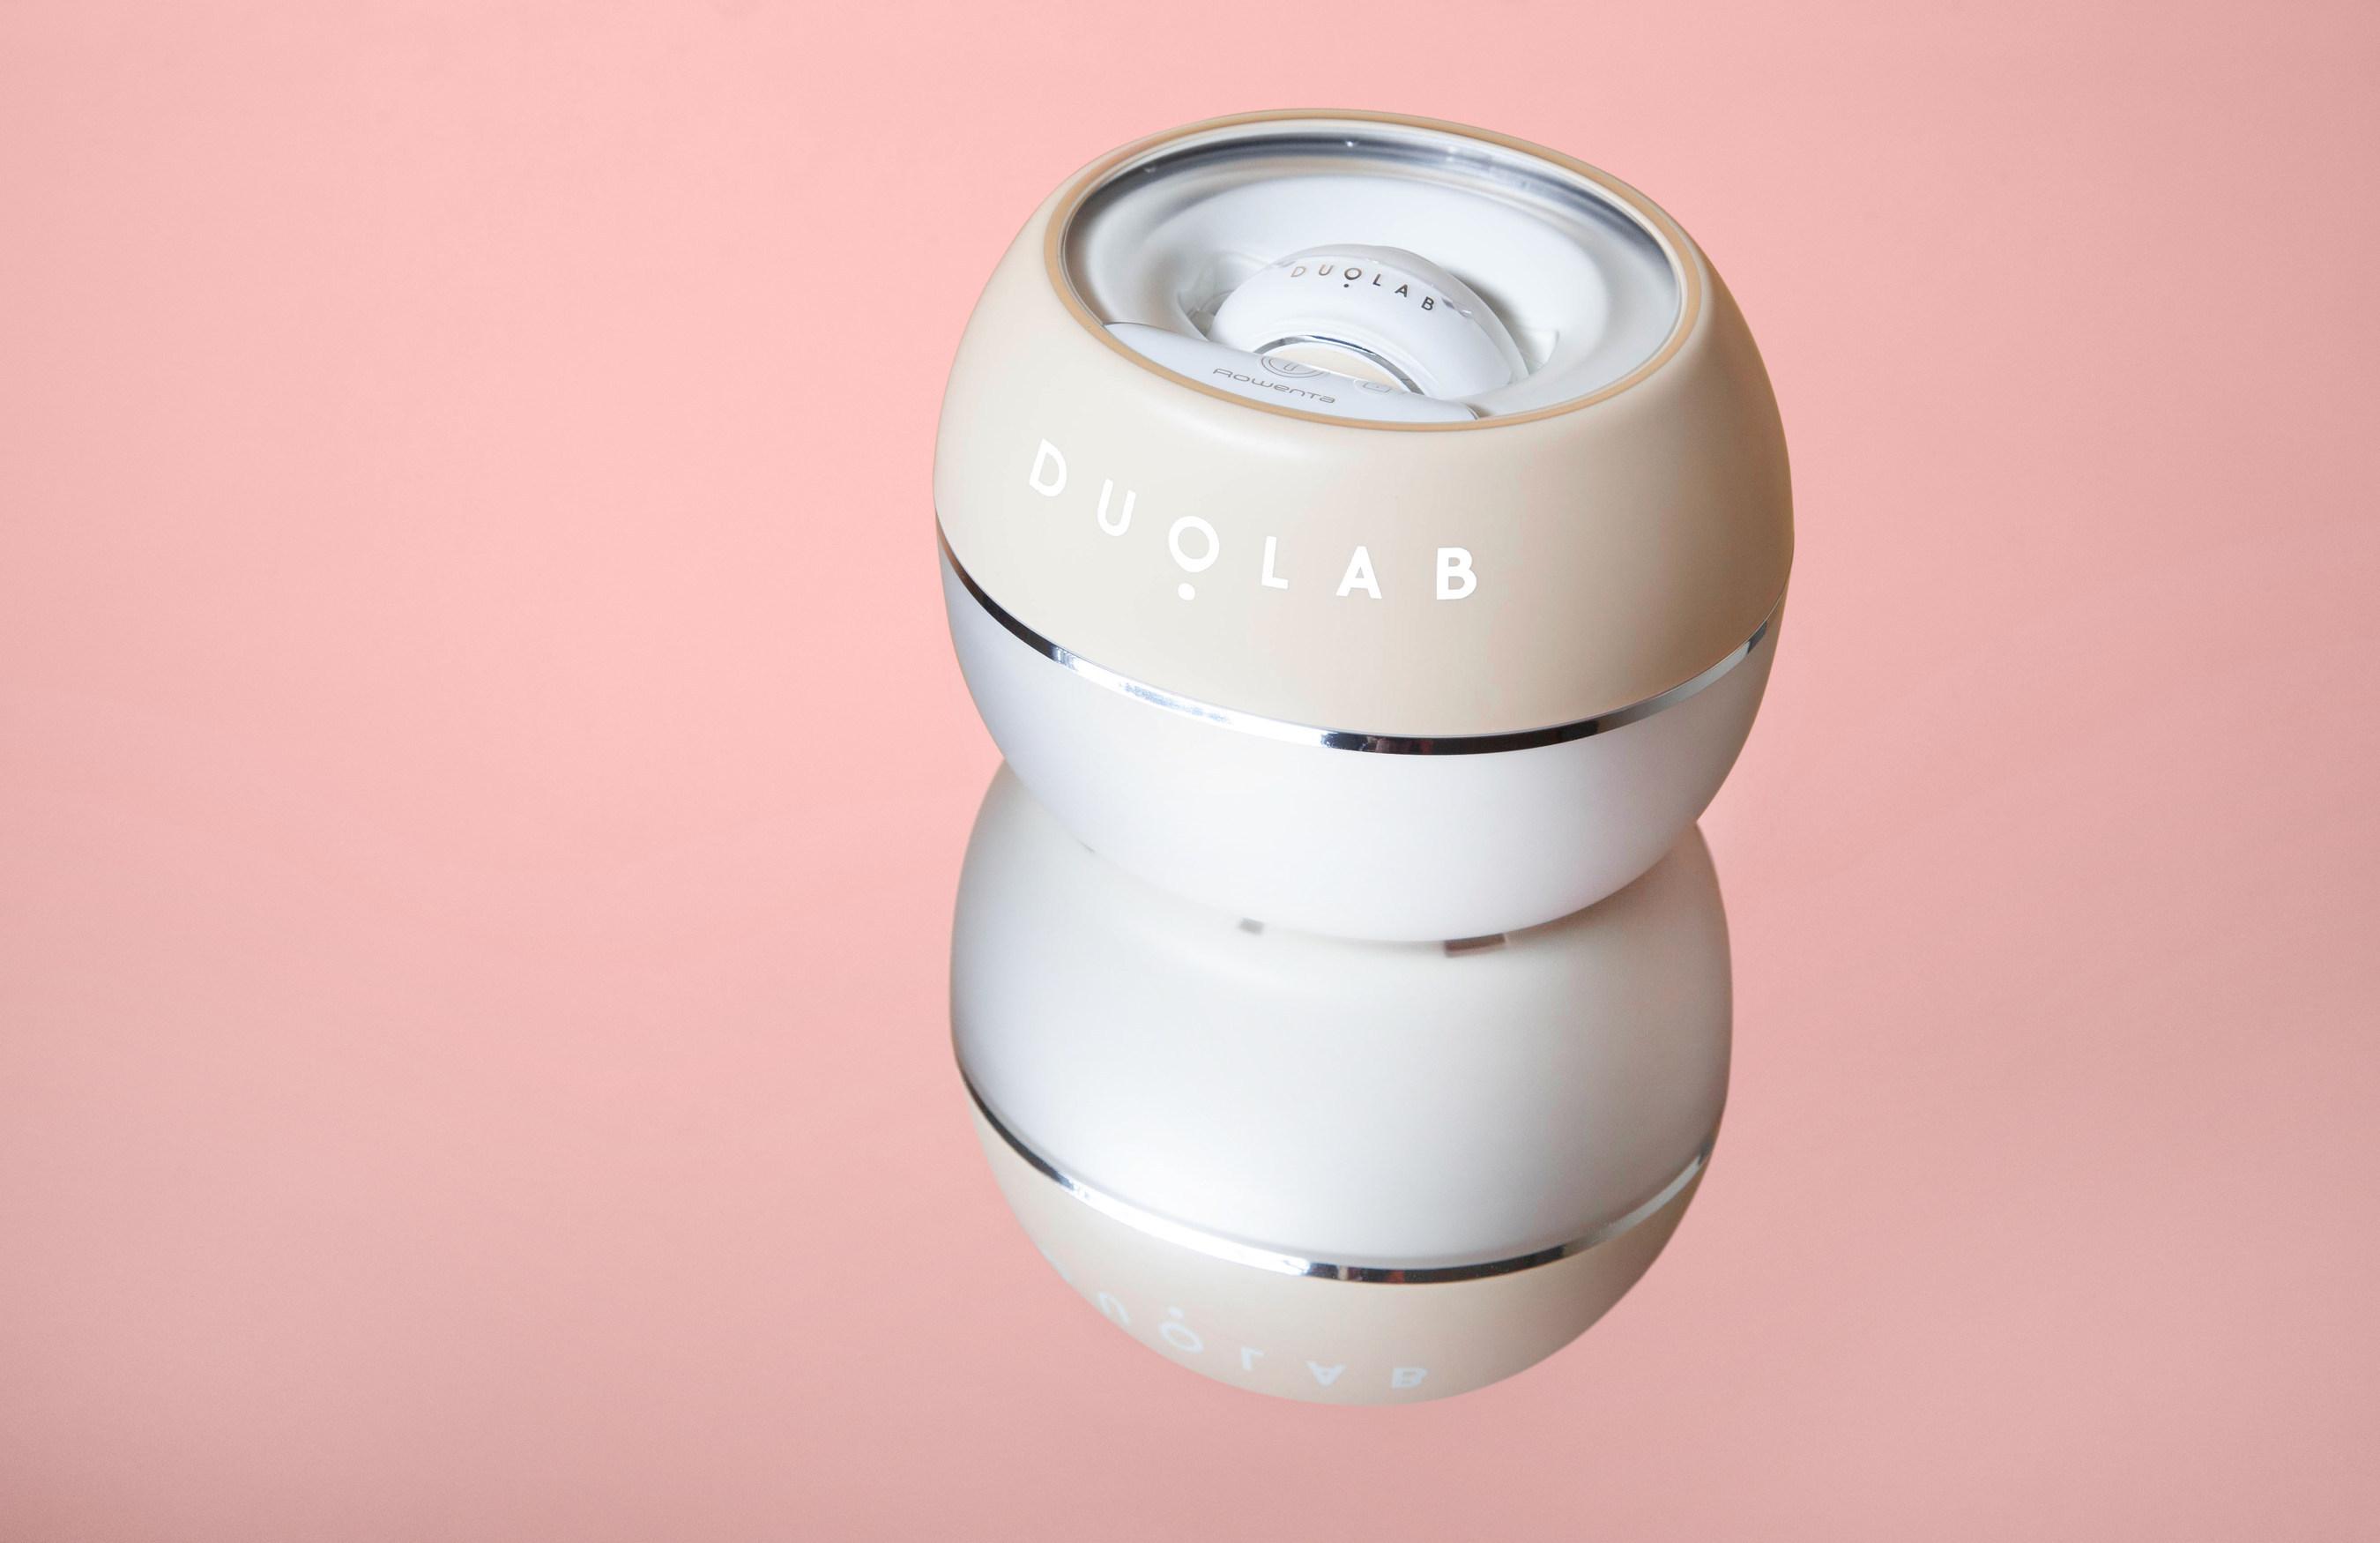 Duolab